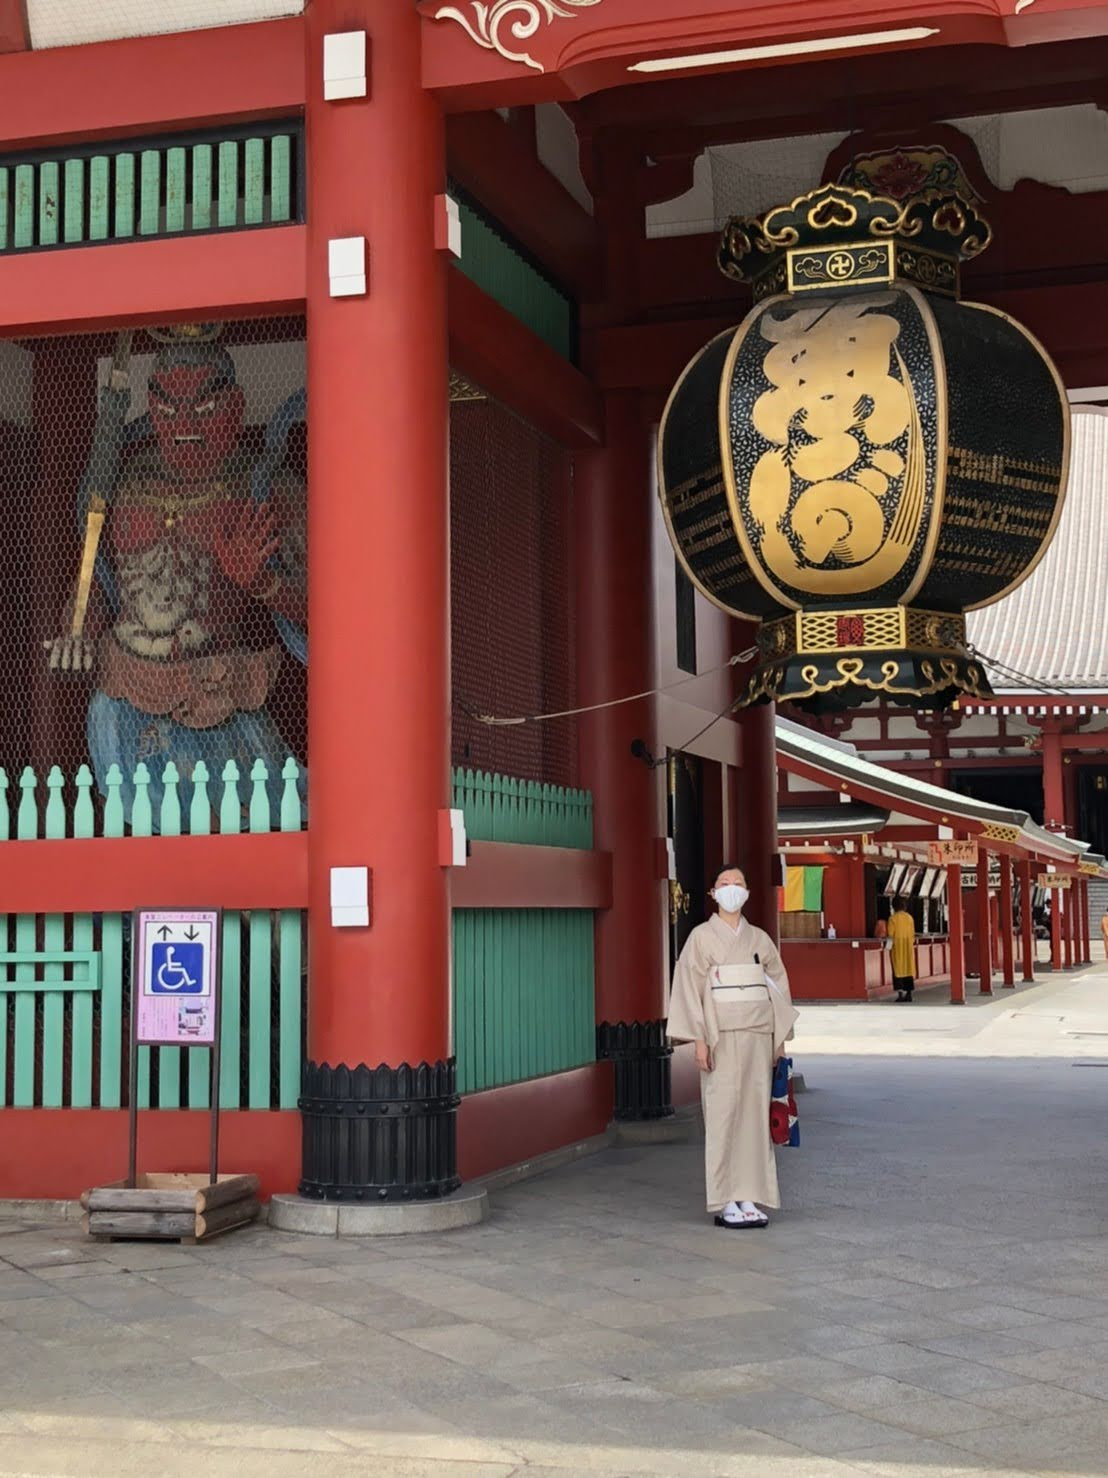 浅草寺の門と単衣着物の女性